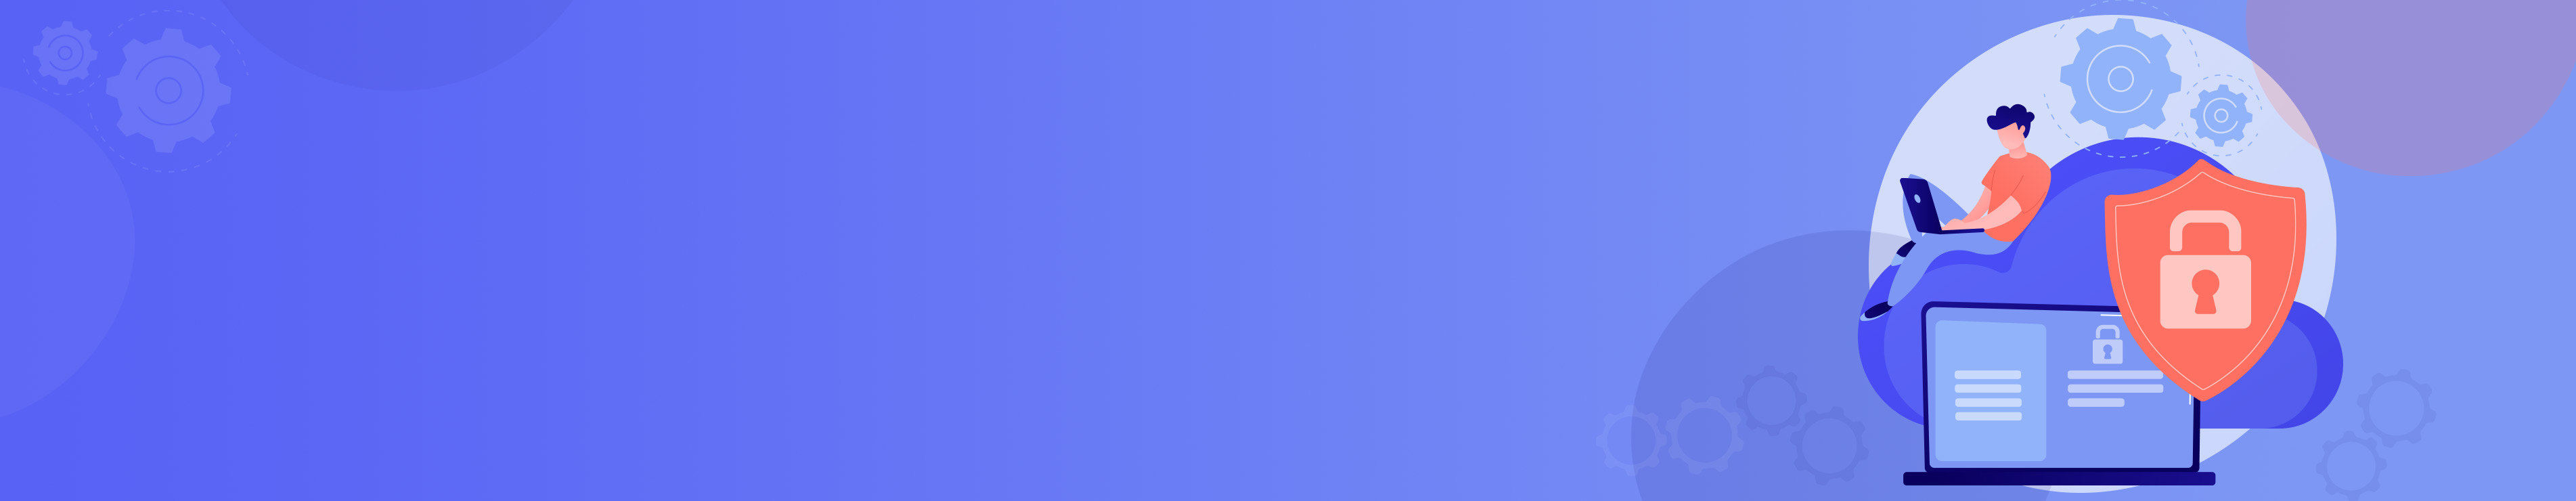 Banner-Mar-24-2021-08-23-36-77-AM